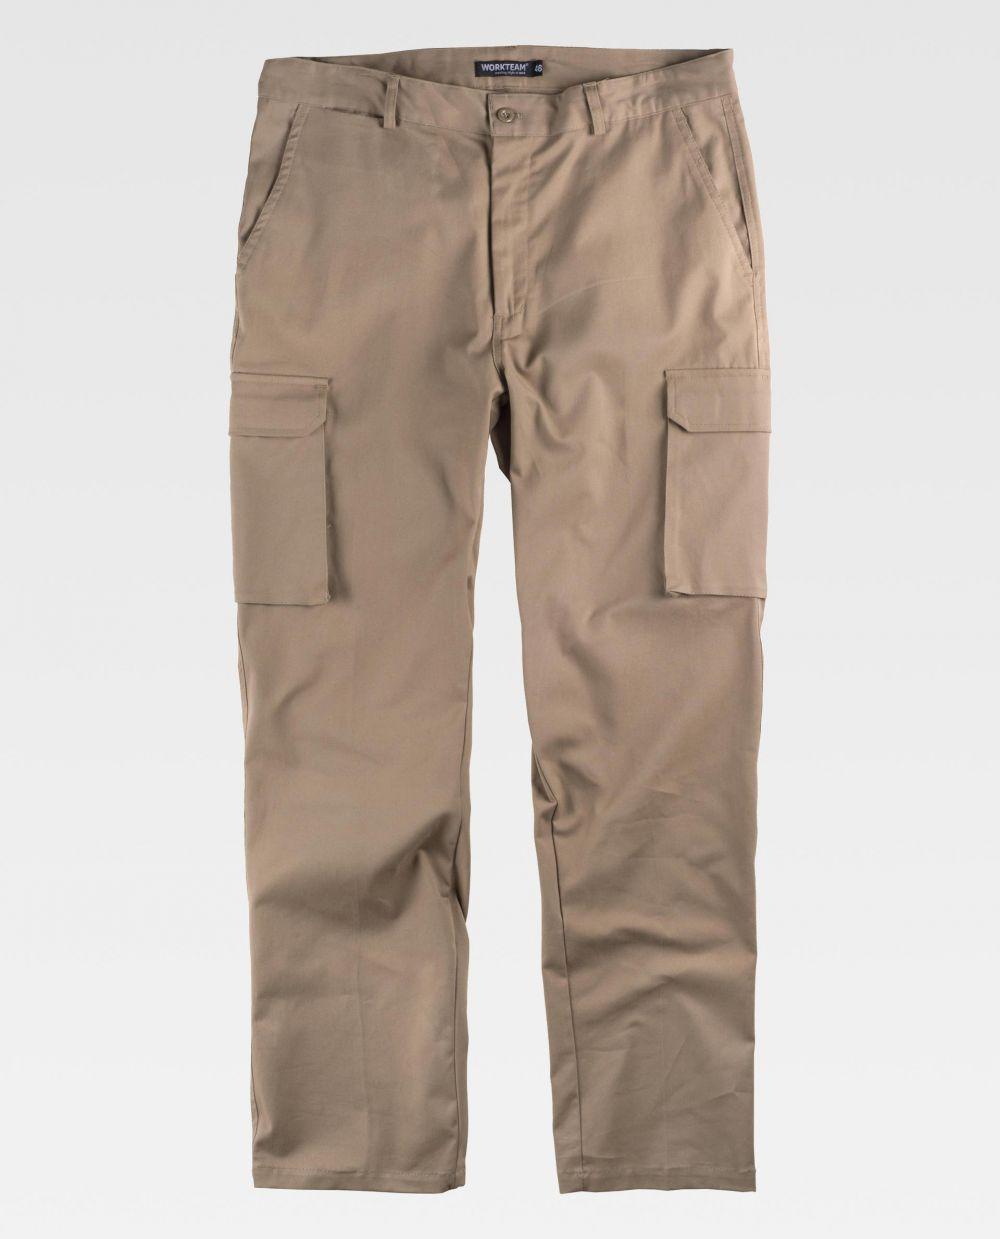 Pantalones de trabajo workteam b1421 de algodon para personalizar vista 2